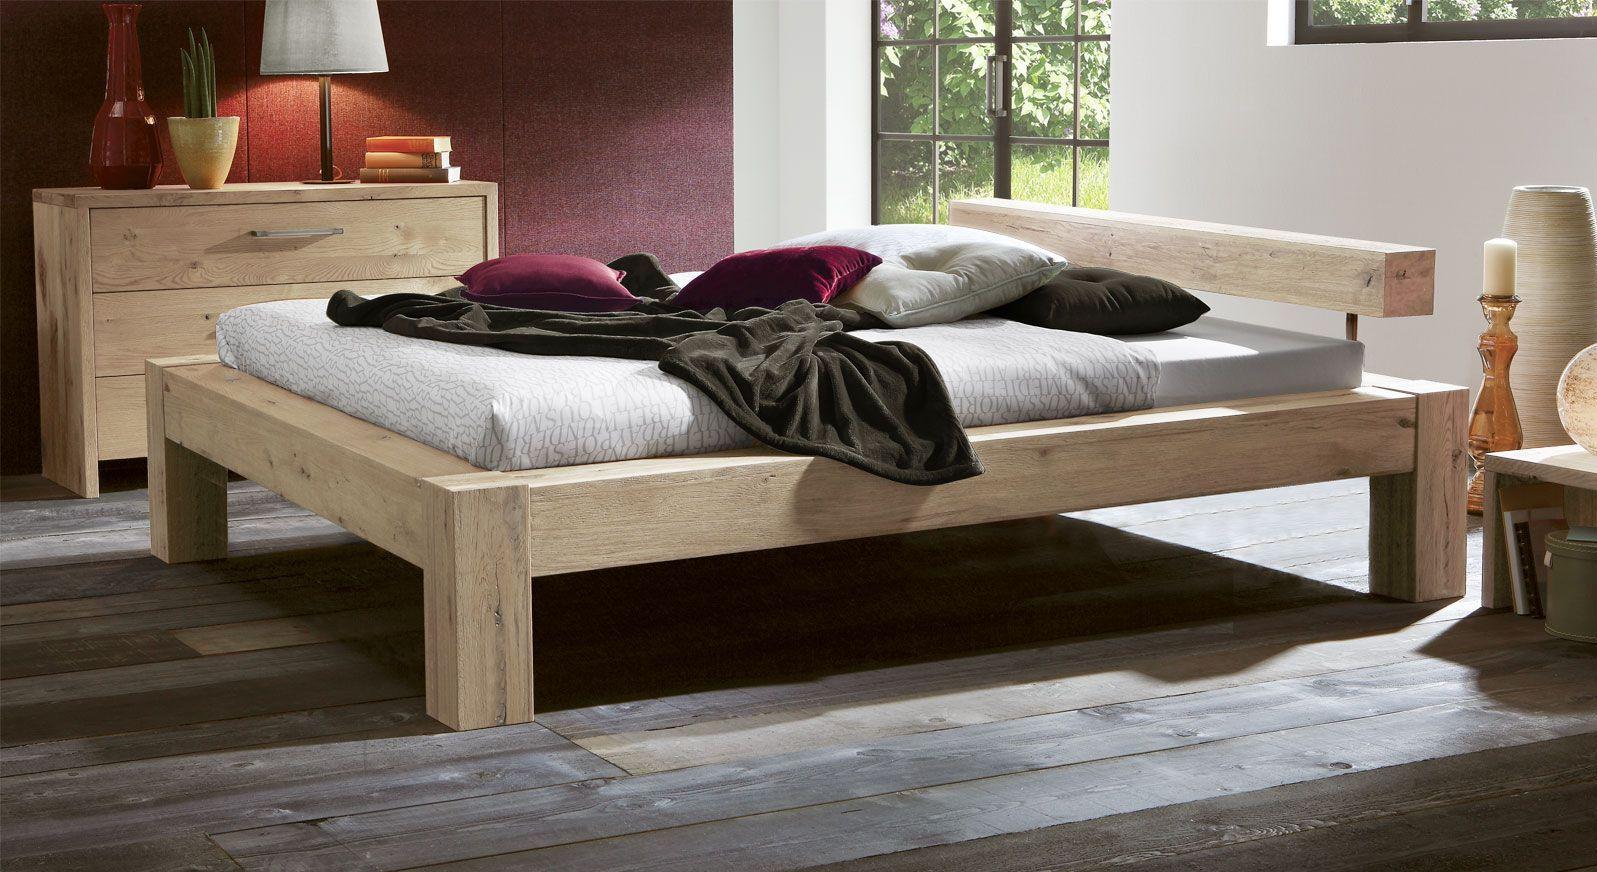 Rustico in Komforthöhe Bett aus Wildeiche in Weiß